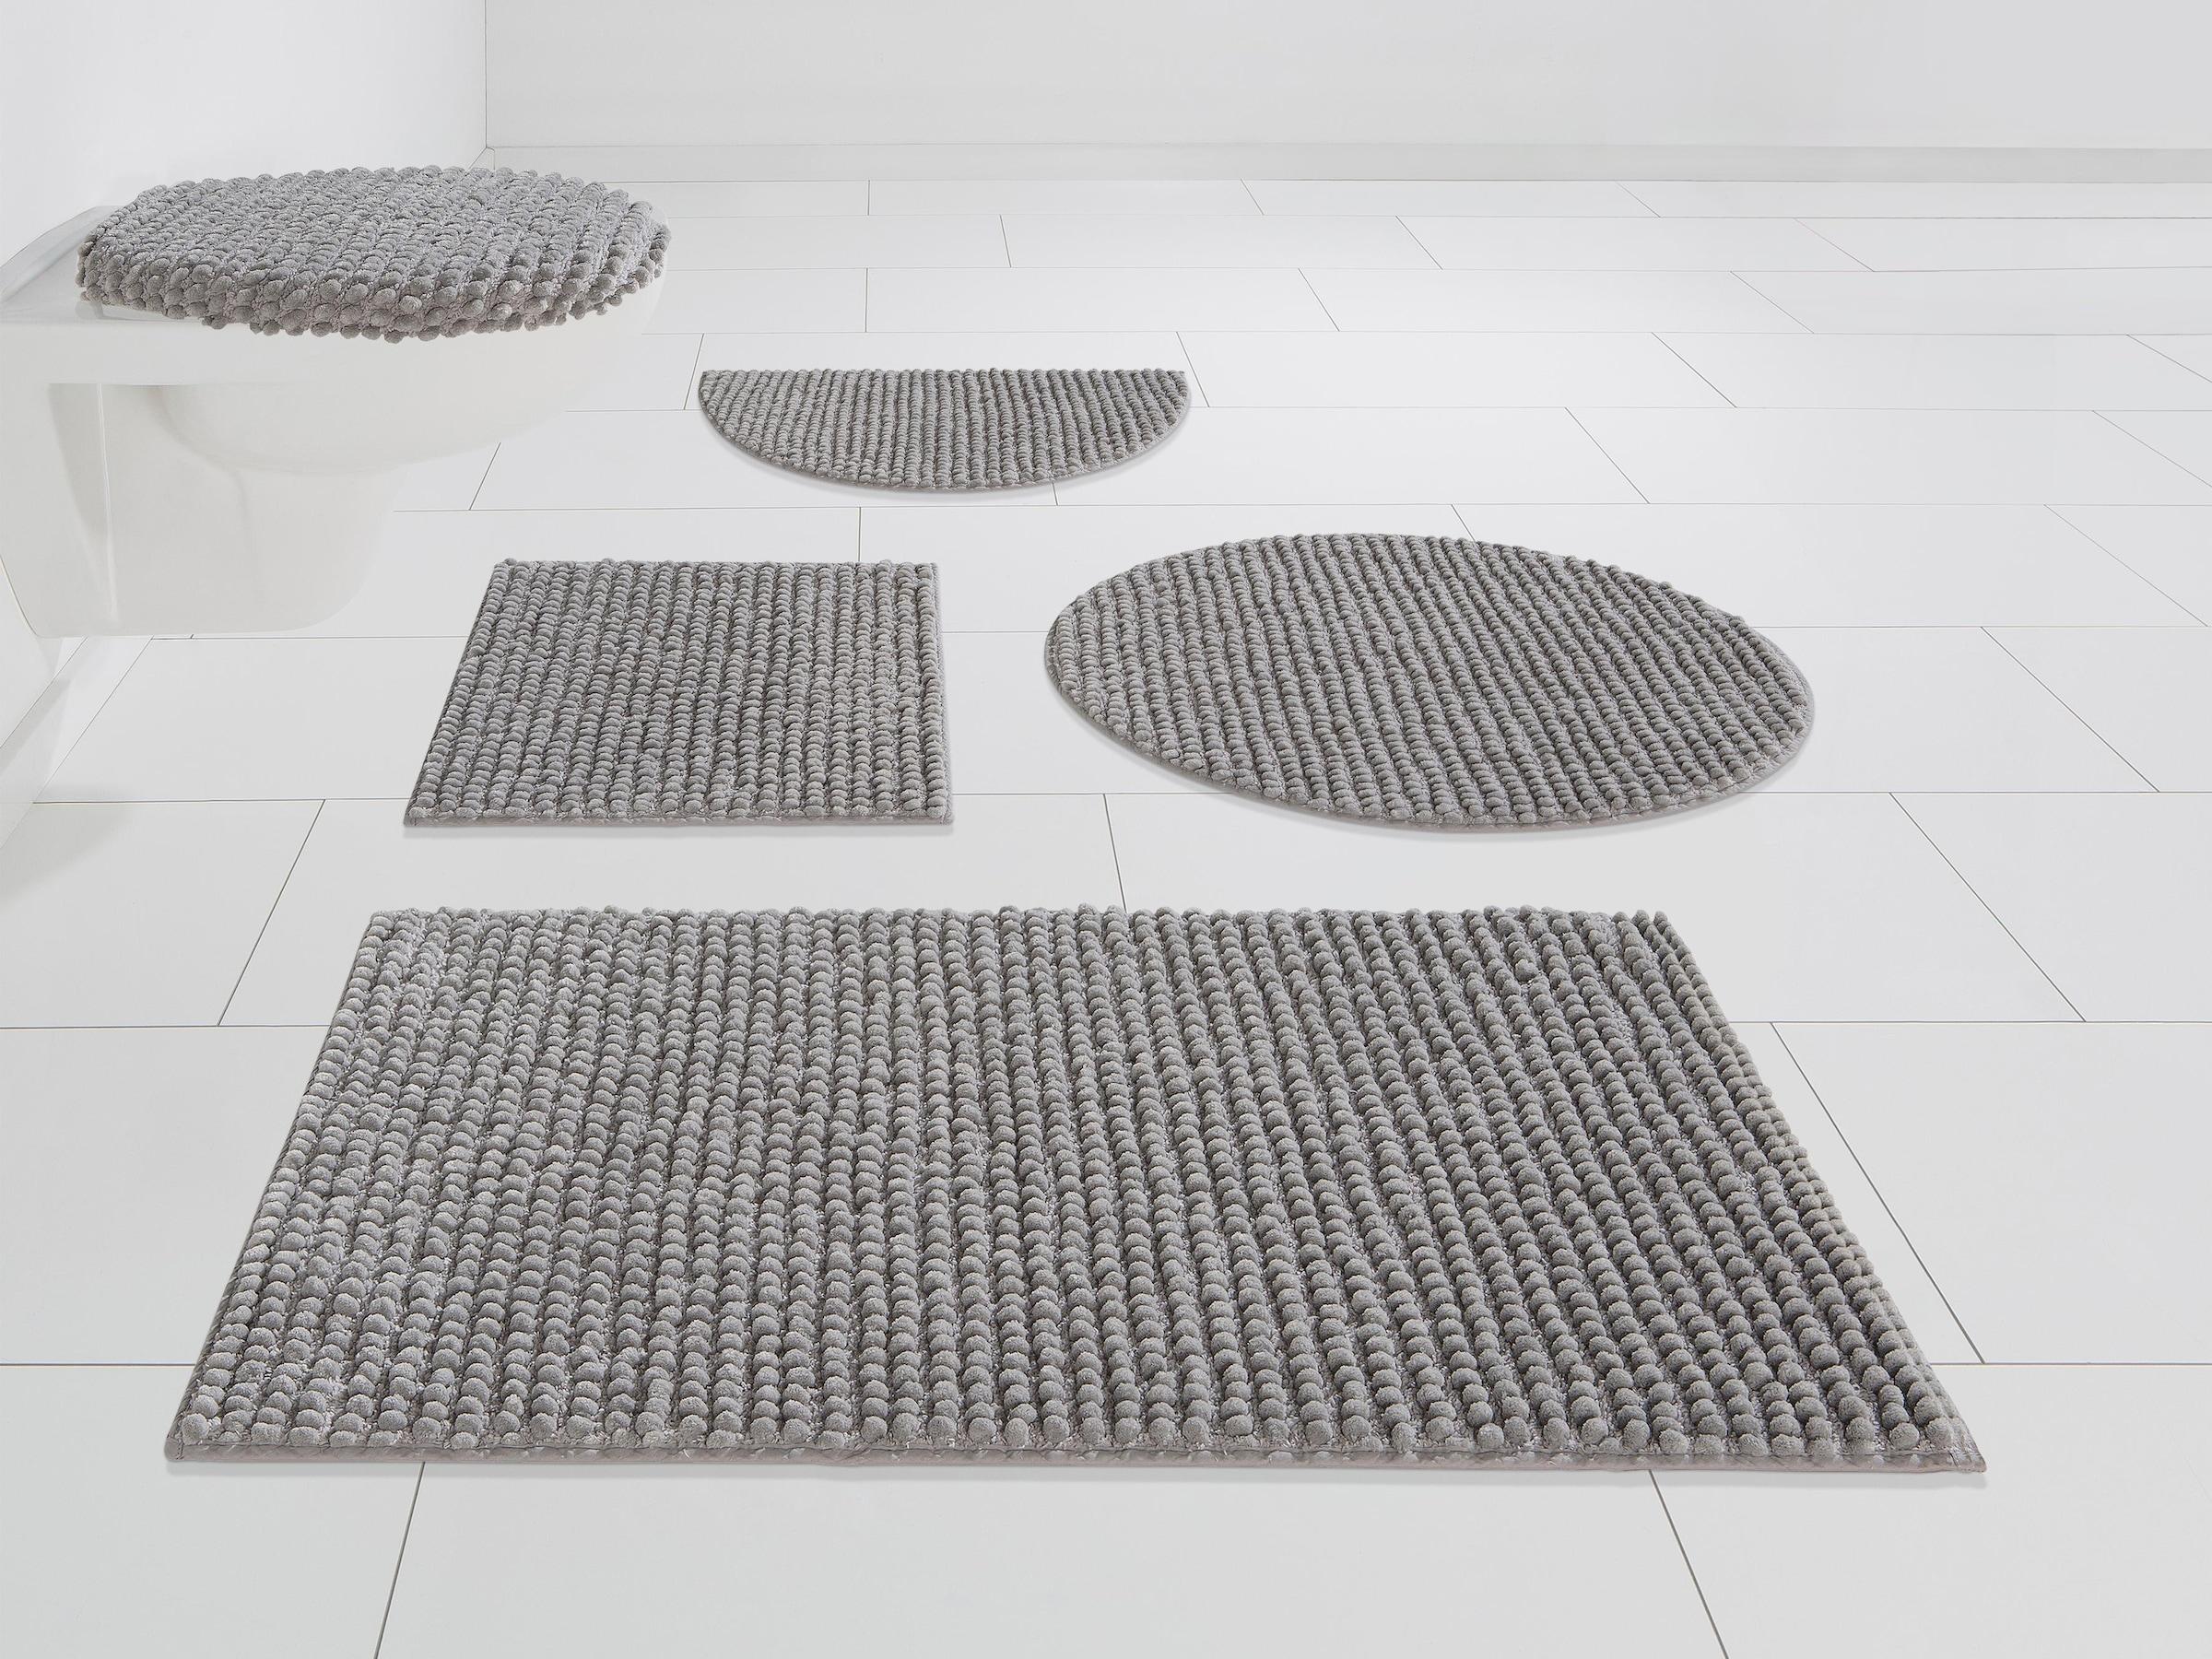 andas Badematte »Renat«, Höhe 20 mm, Badteppich, Badgarnitur,  Badezimmerteppich in Pastell, waschbar, geeignet für Fußbodenheizung,  schnell trocknend